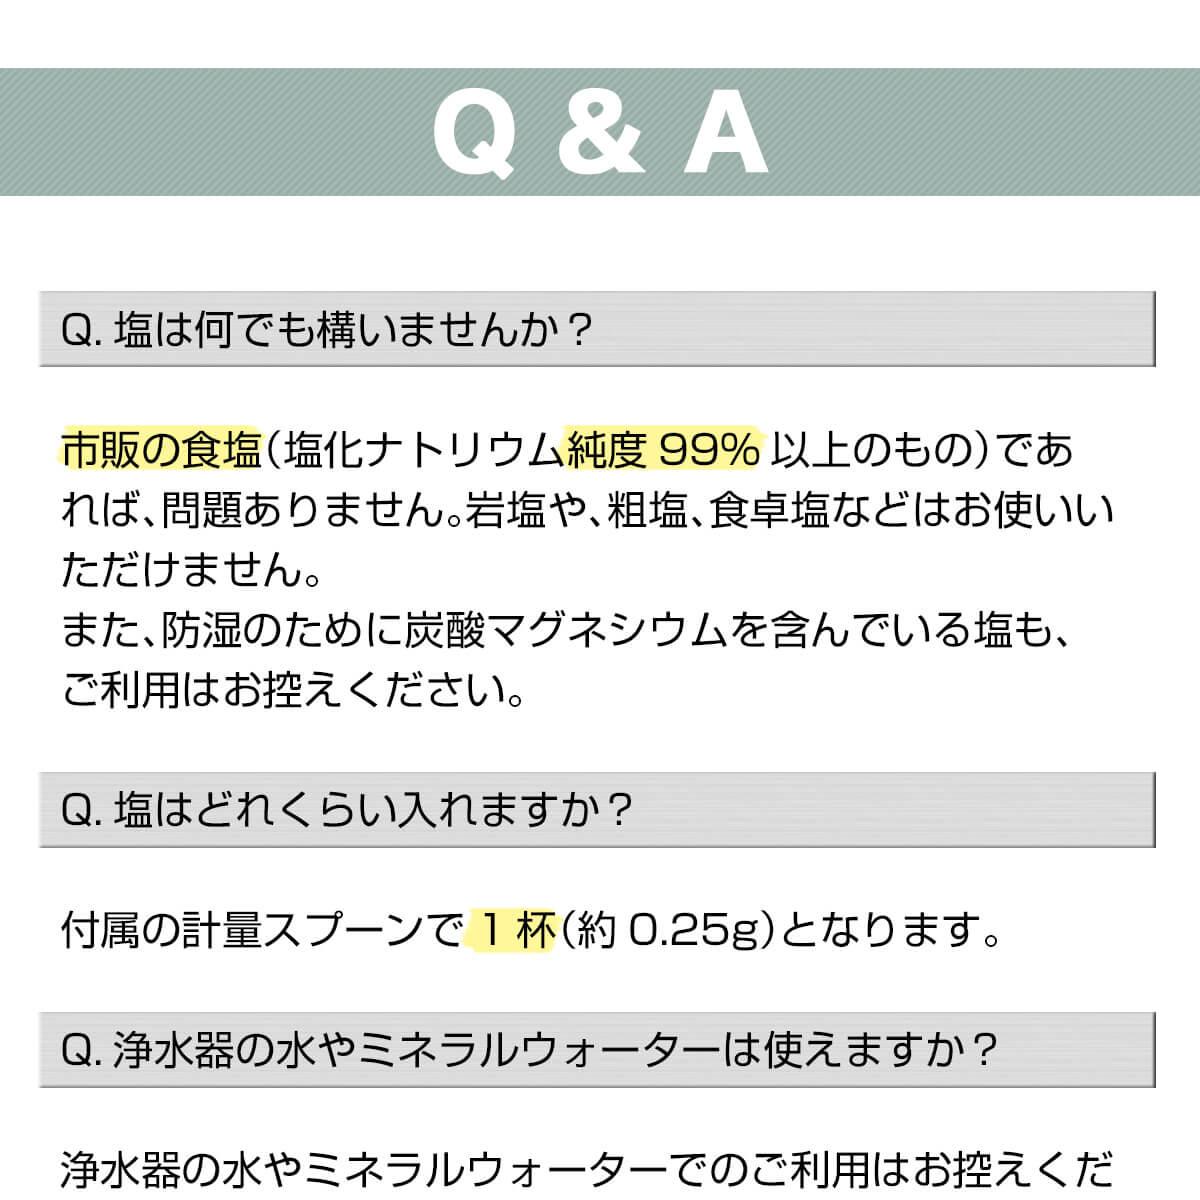 良く頂く質問1